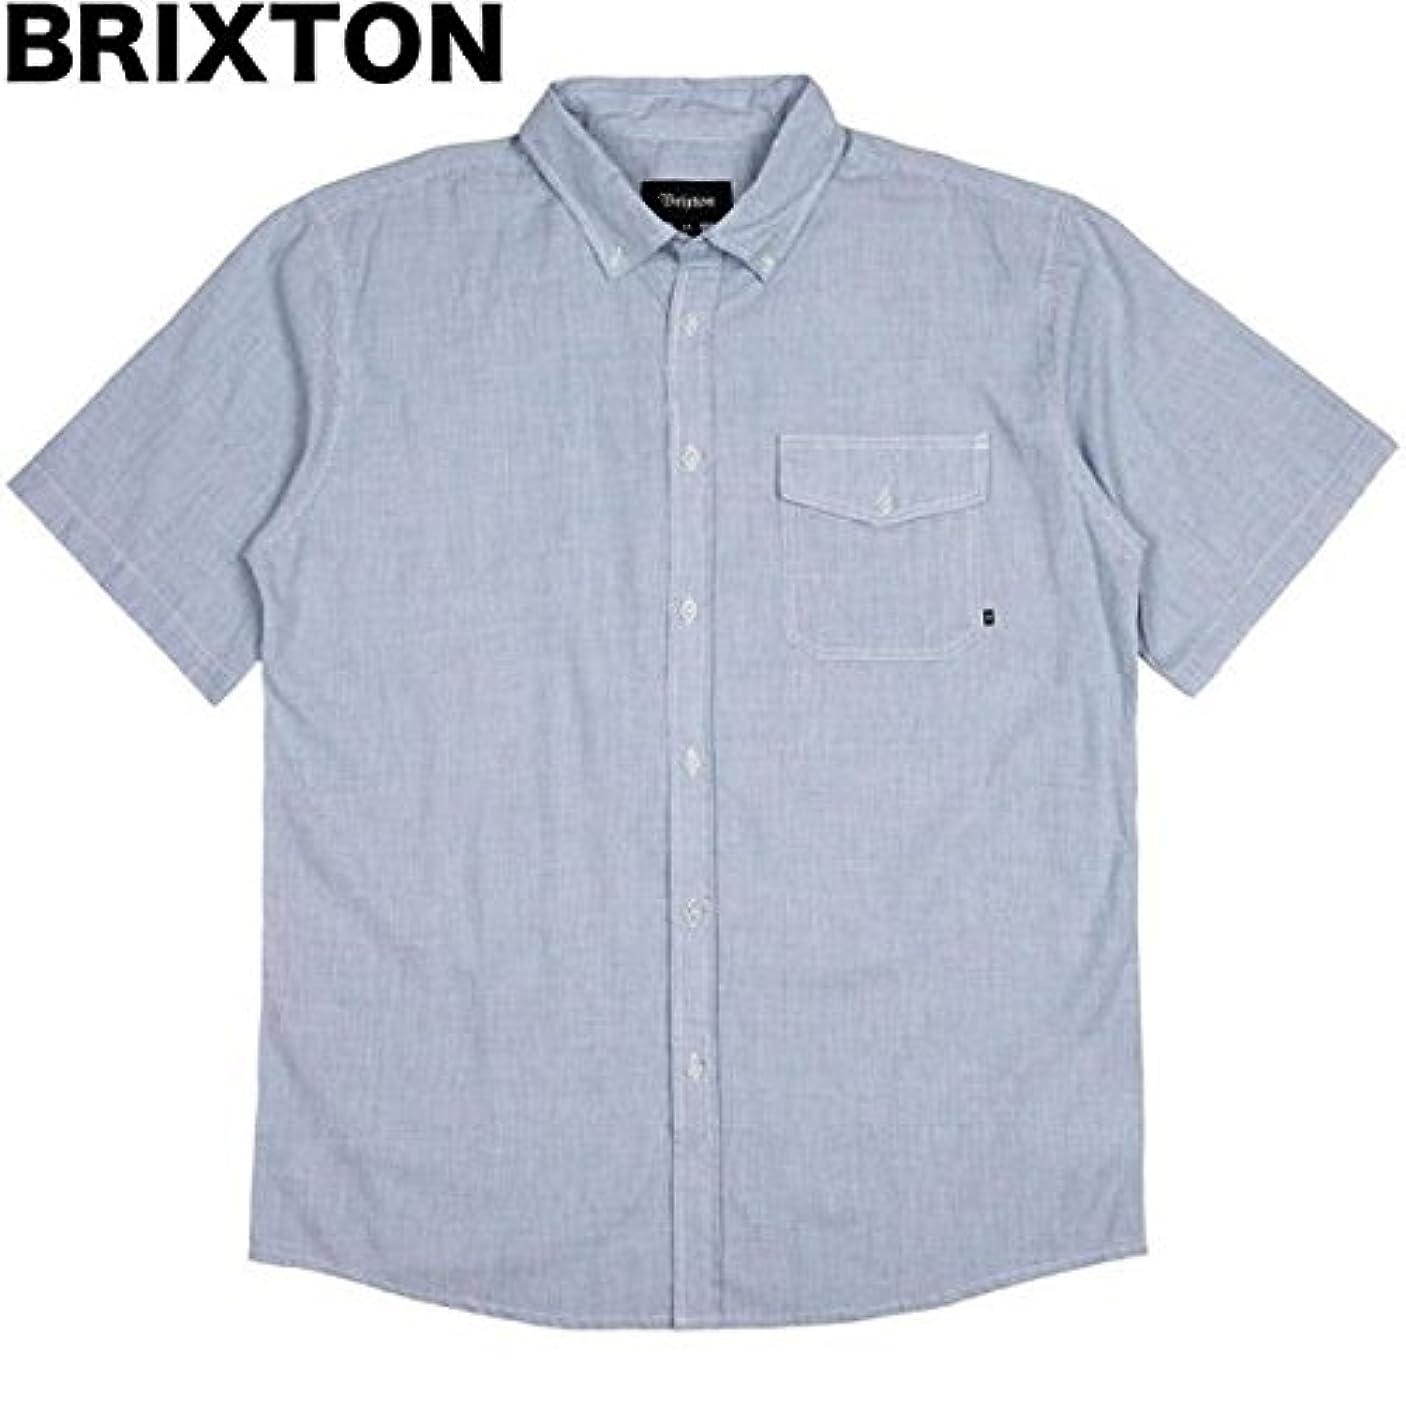 反対した相互接続歩道Brixton Howl S/S Woven Shirt Light Blue Stripe M シャツ 並行輸入品